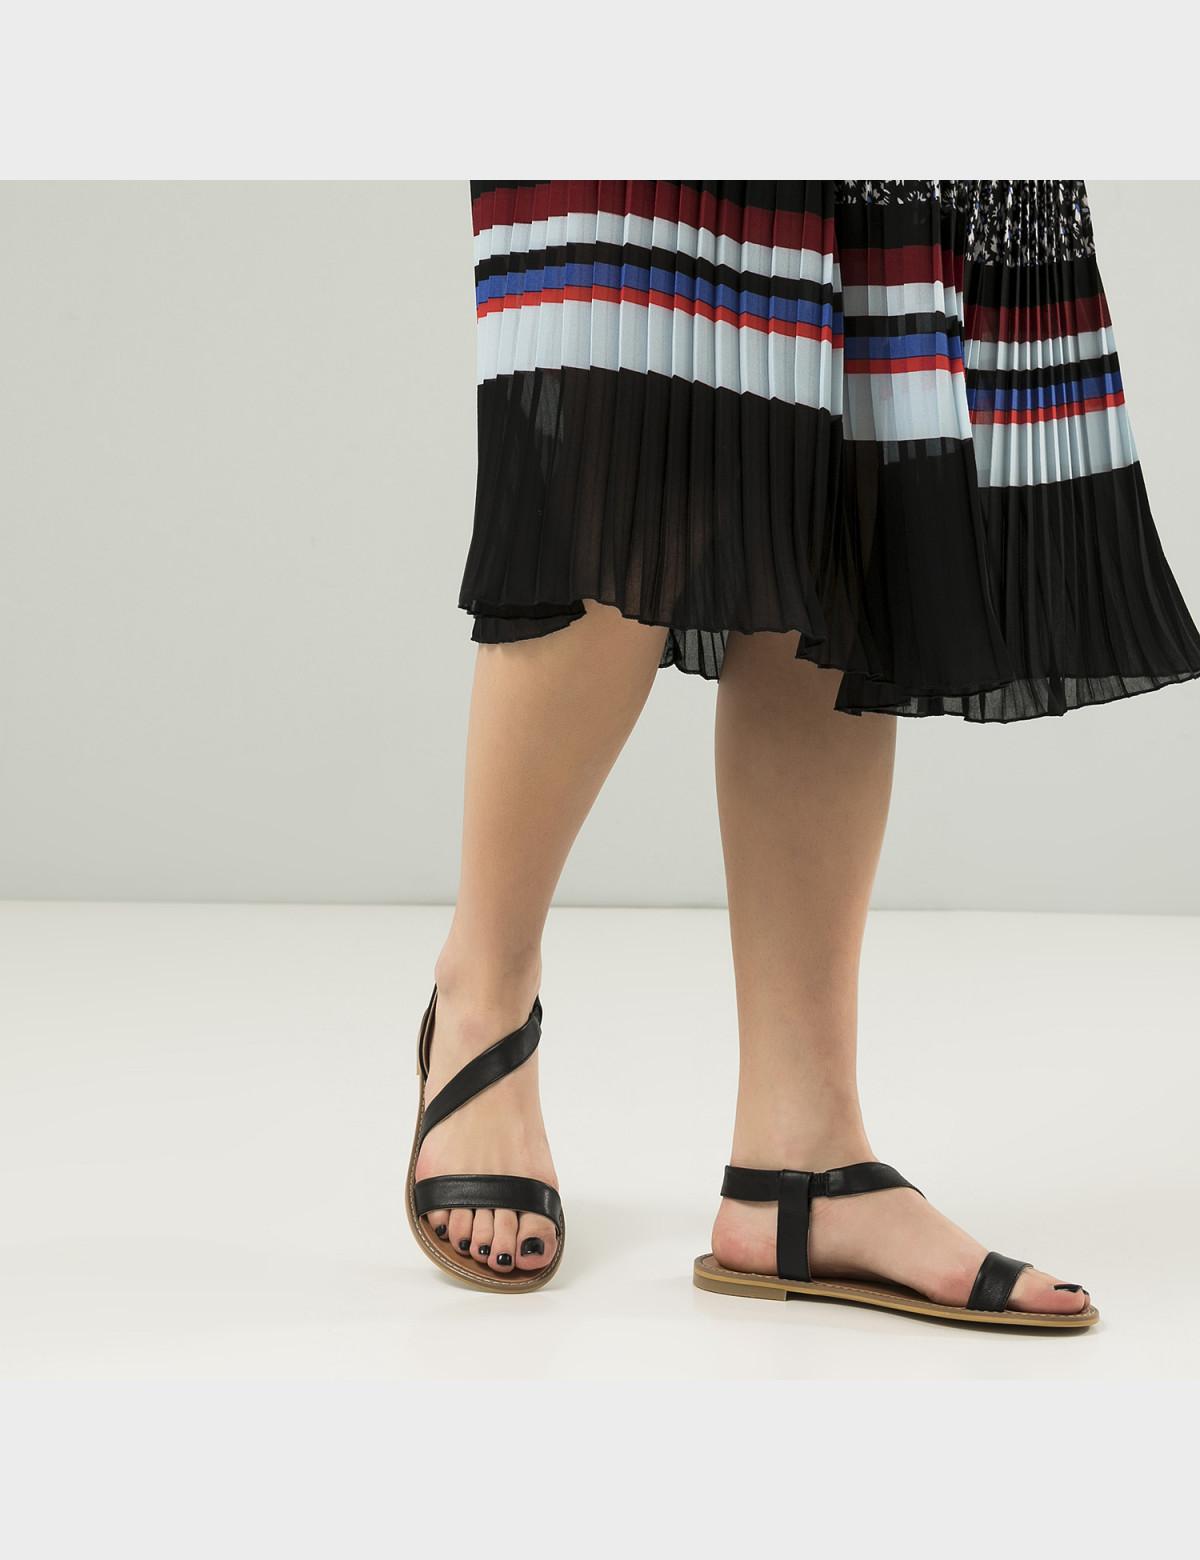 Сандали черные, натуральная кожа5